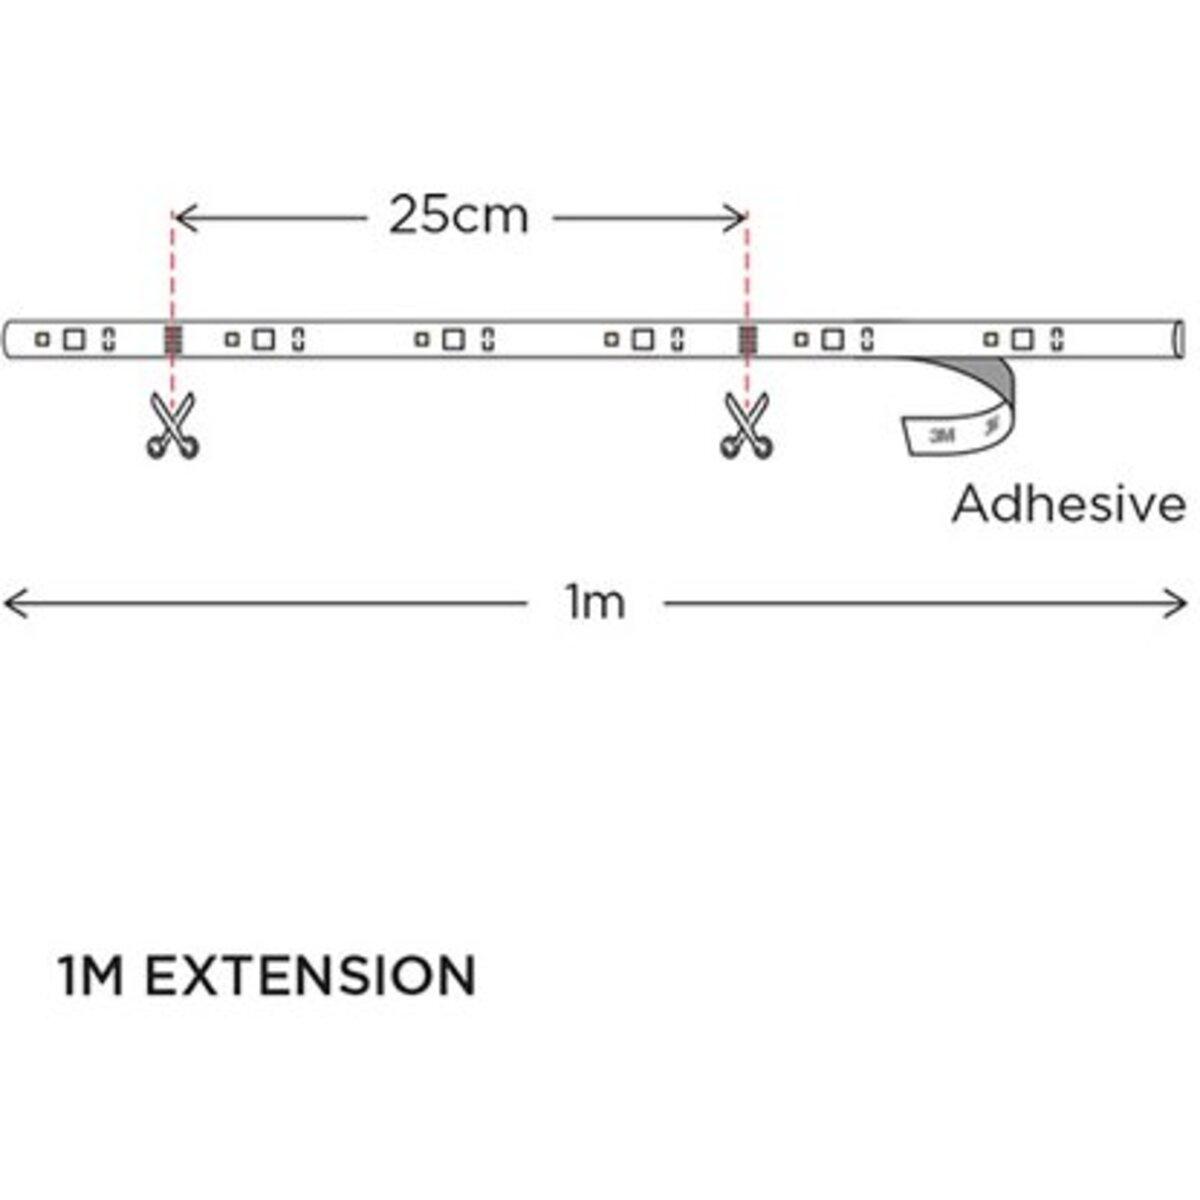 Bild 3 von WiZ Smart LED-Strip Wifi Verlängerung Licht- & Farbwechsel RGBW 13W 1 m